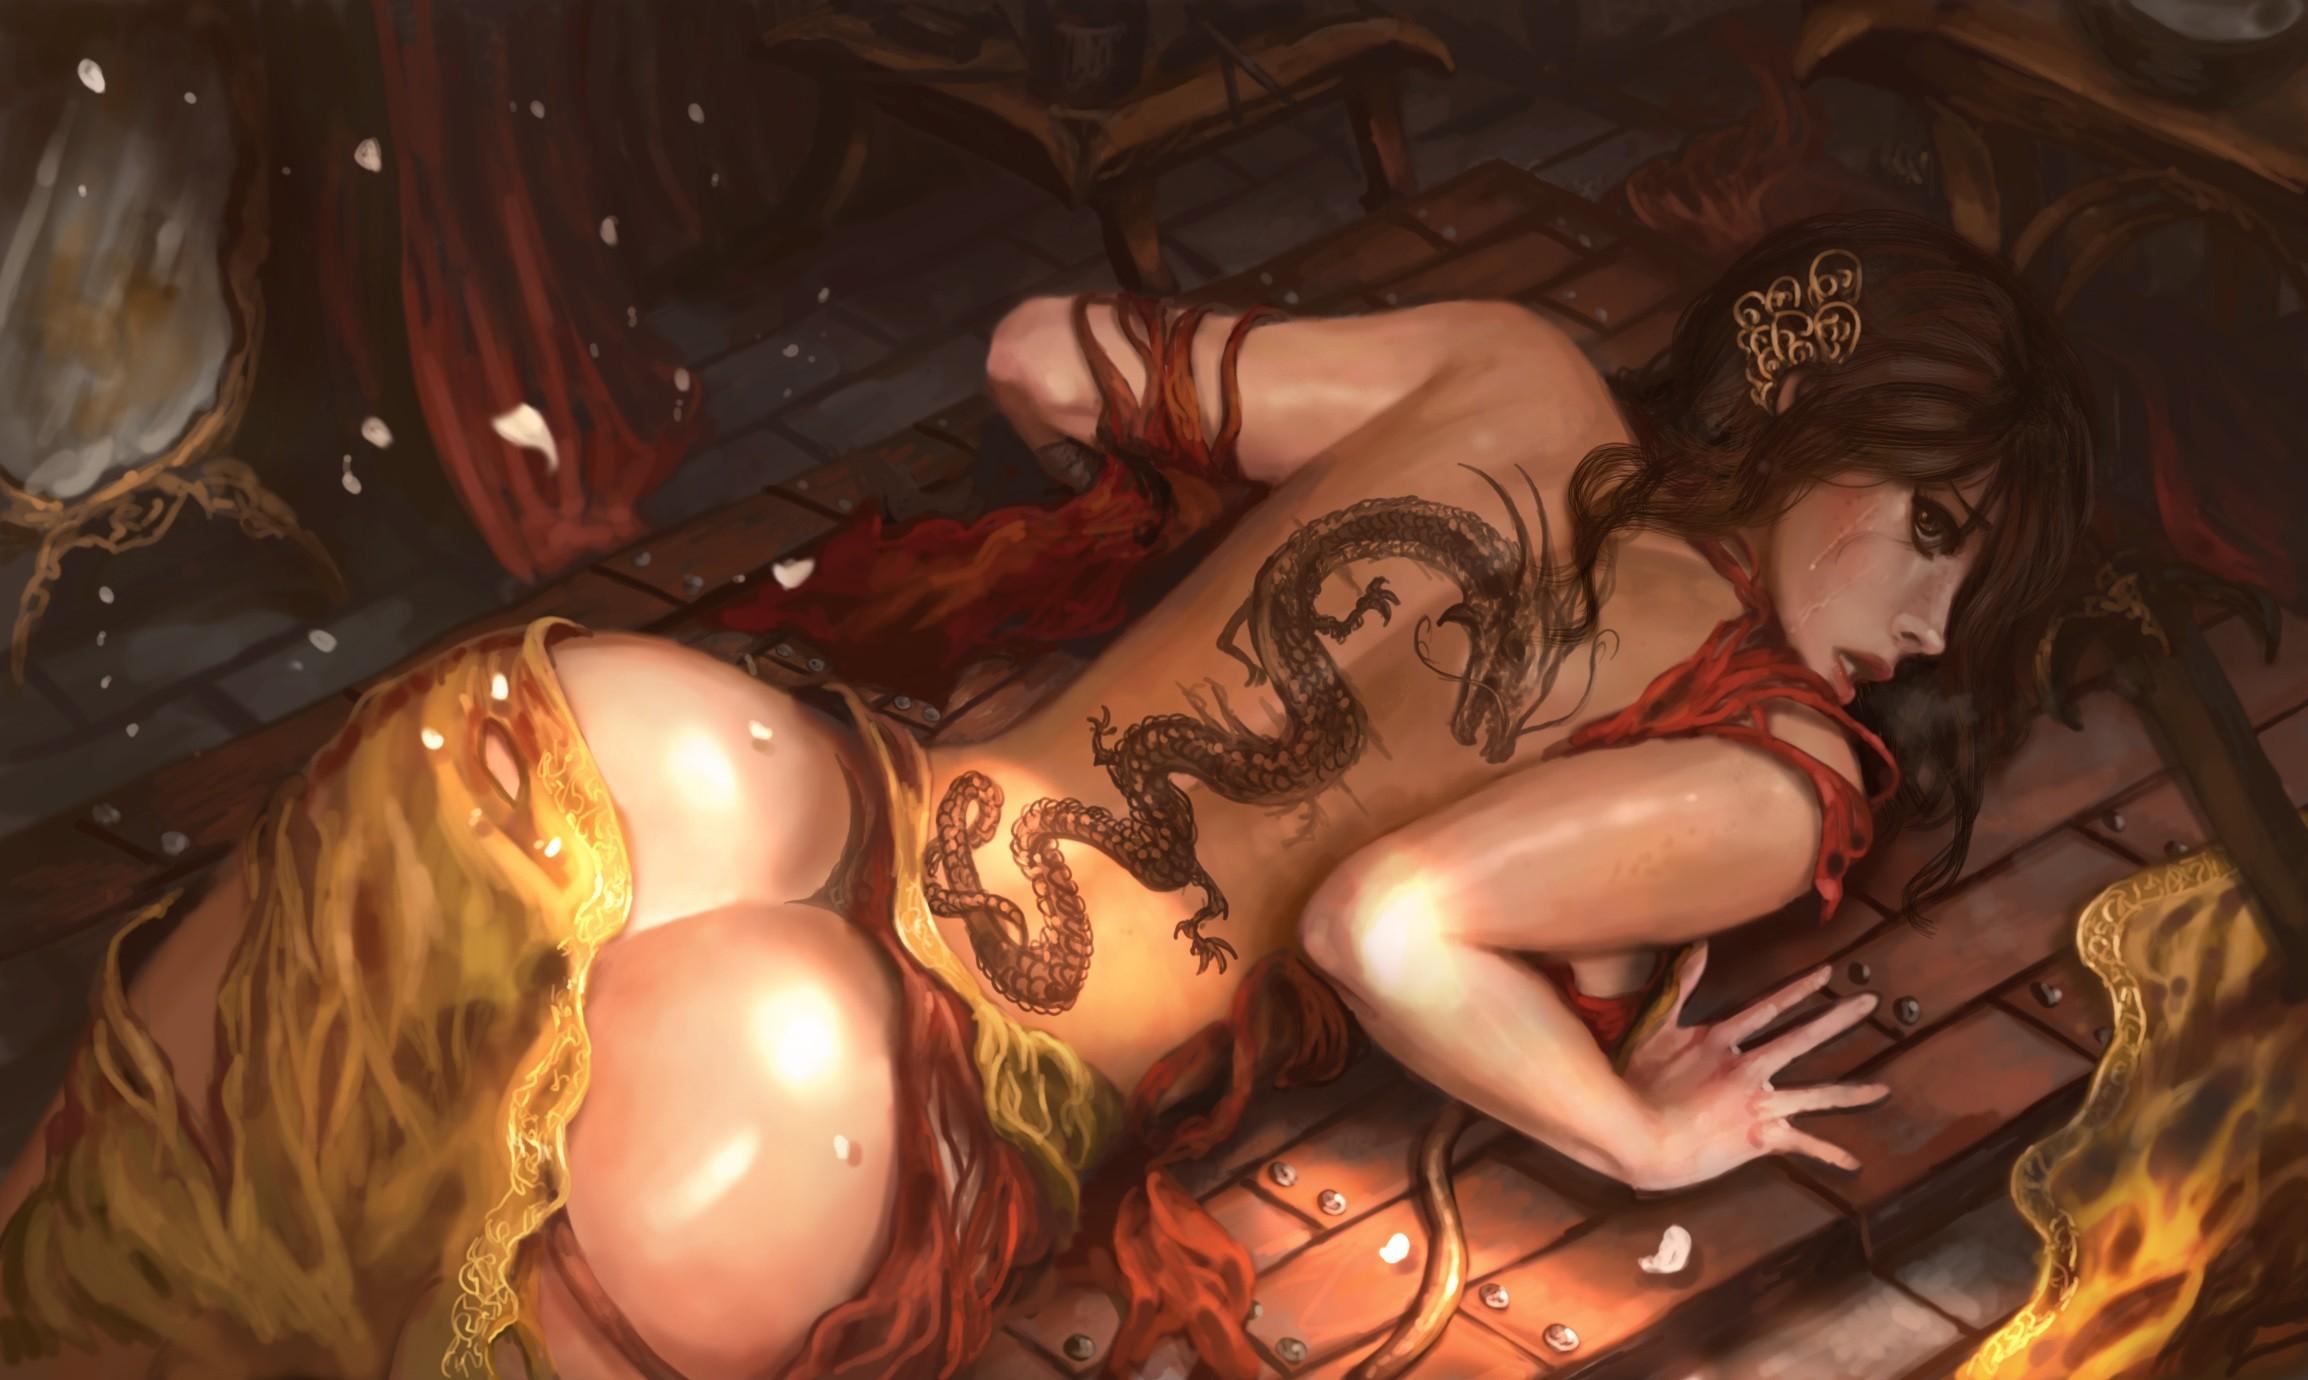 sex-girl-nude-fantasy-art-indian-women-sex-boobs